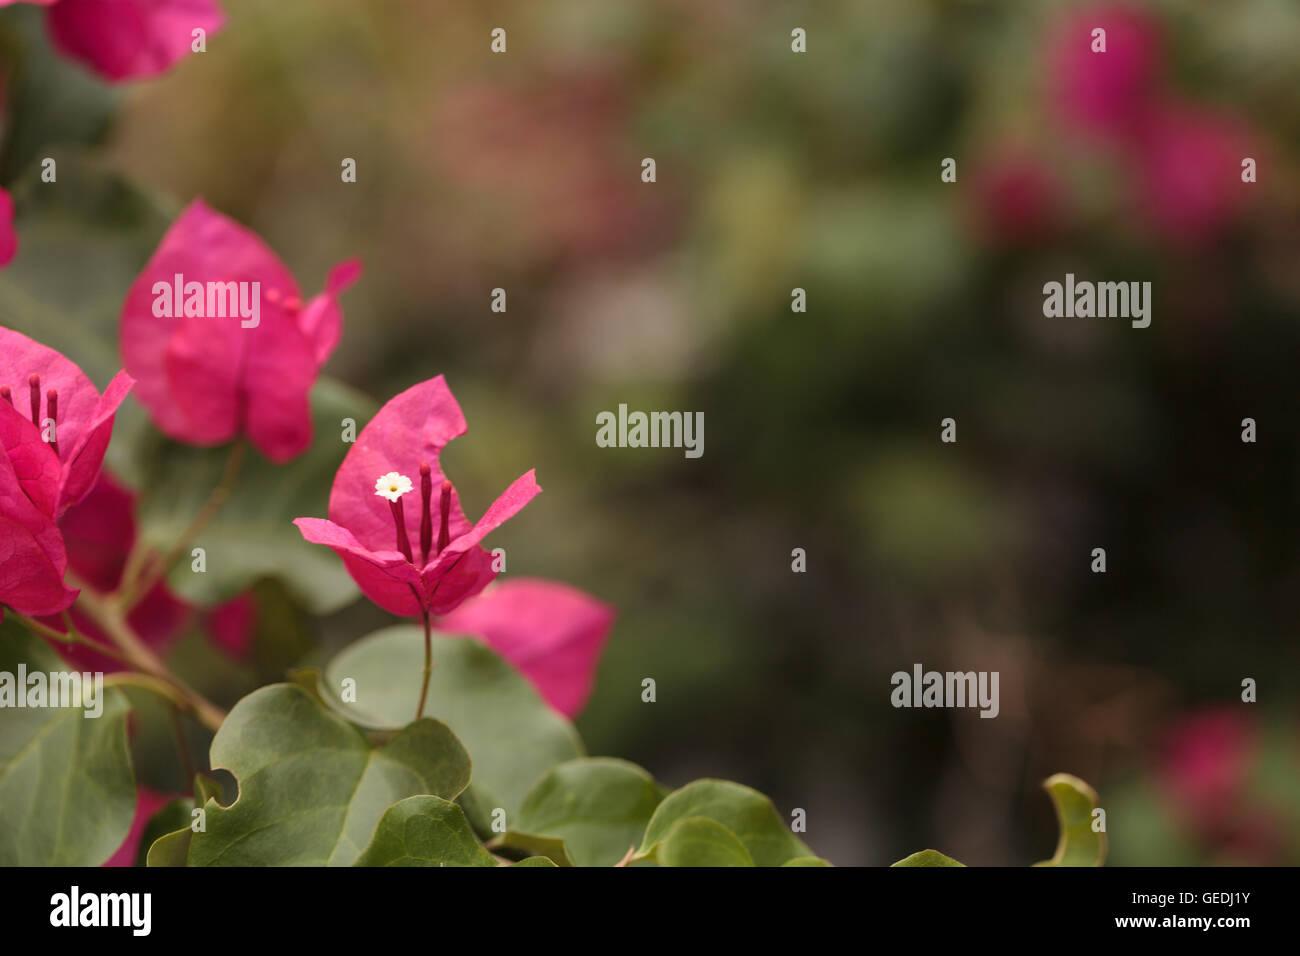 Pink flowers on a bougainvillea bush vine grows and is prolific pink flowers on a bougainvillea bush vine grows and is prolific this thorny ornamental vine is found in south america mightylinksfo